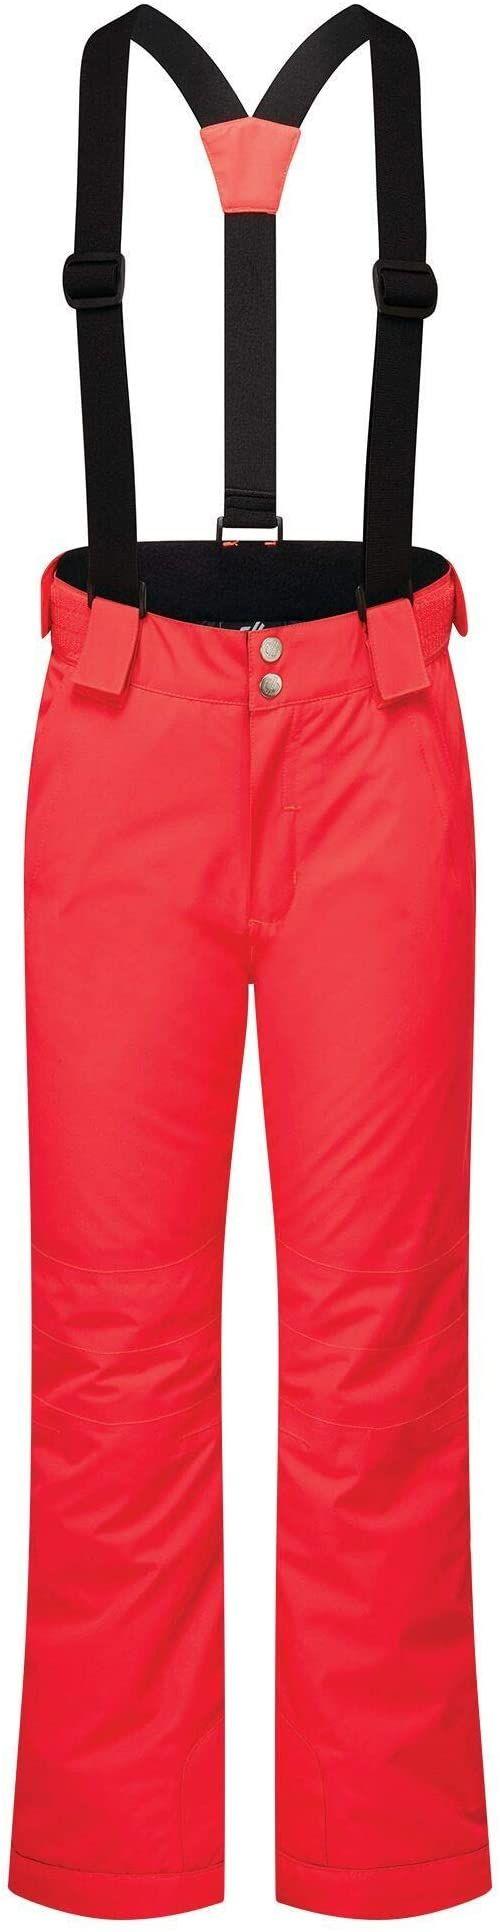 Dare2b motyw dla dzieci wodoodporne oddychające klejone szwy odblaskowe detale spodnie salopetty, neonowe różowe, 3-4